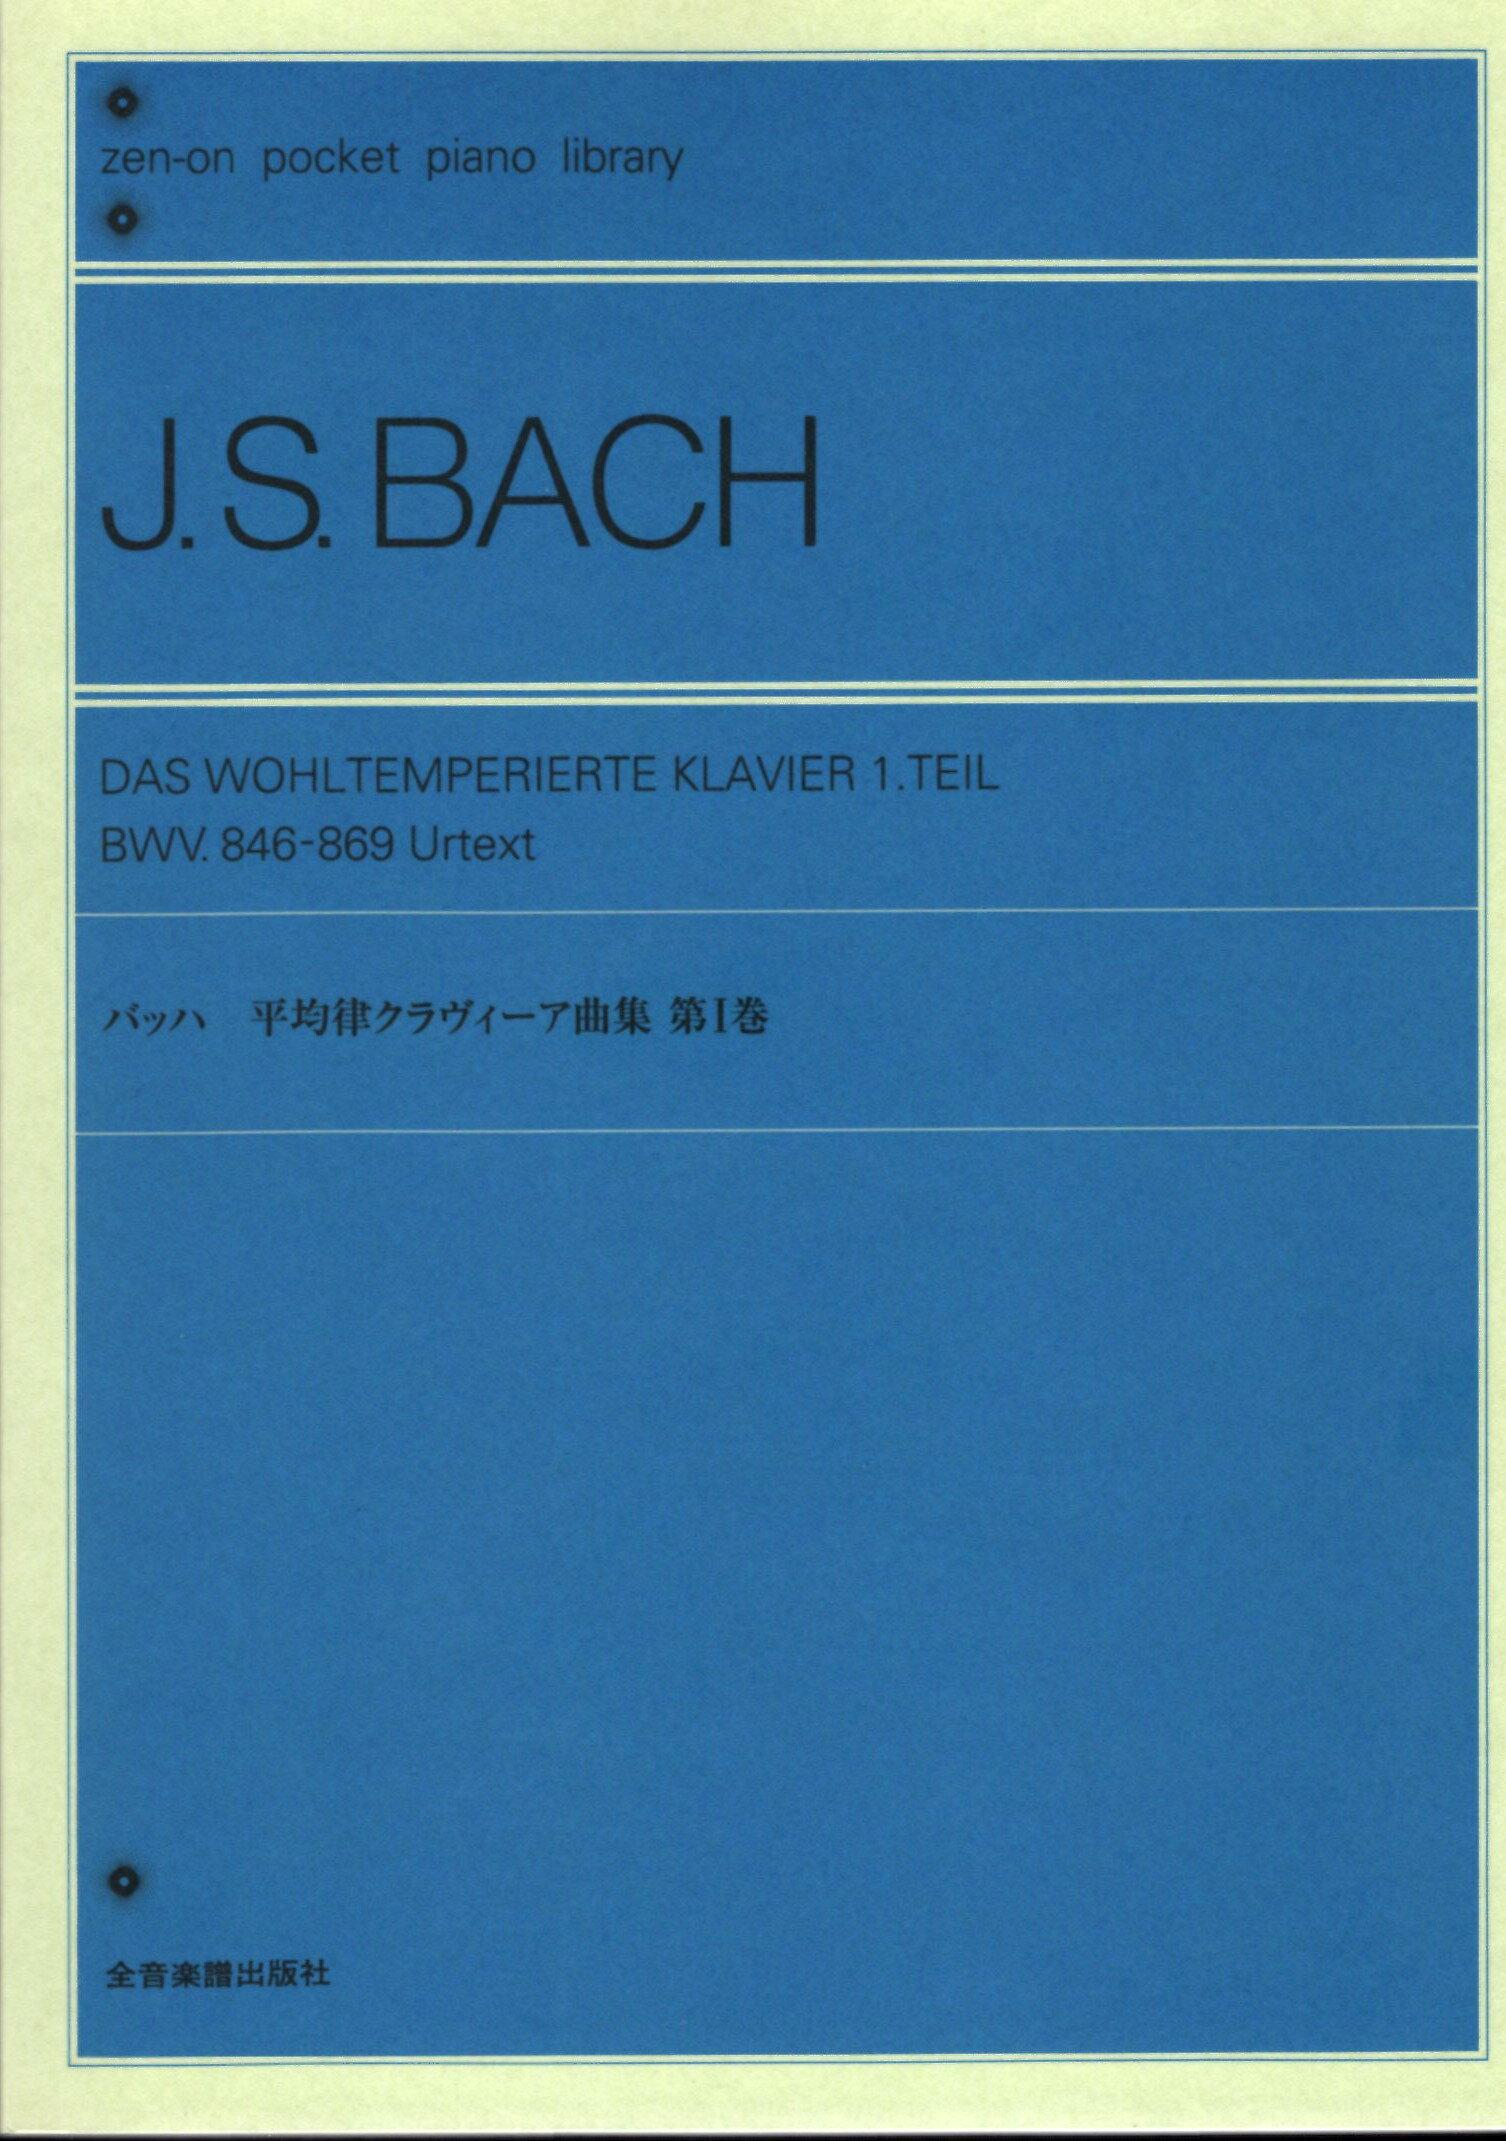 【鋼琴獨奏口袋樂譜】巴哈 平均律 第一卷 J.S.BACH Das wohltemperierte klavier 1. teil BWV. 846-869 Urtext 平均律クラヴィーア曲集 第1巻 (ポケットスコア)